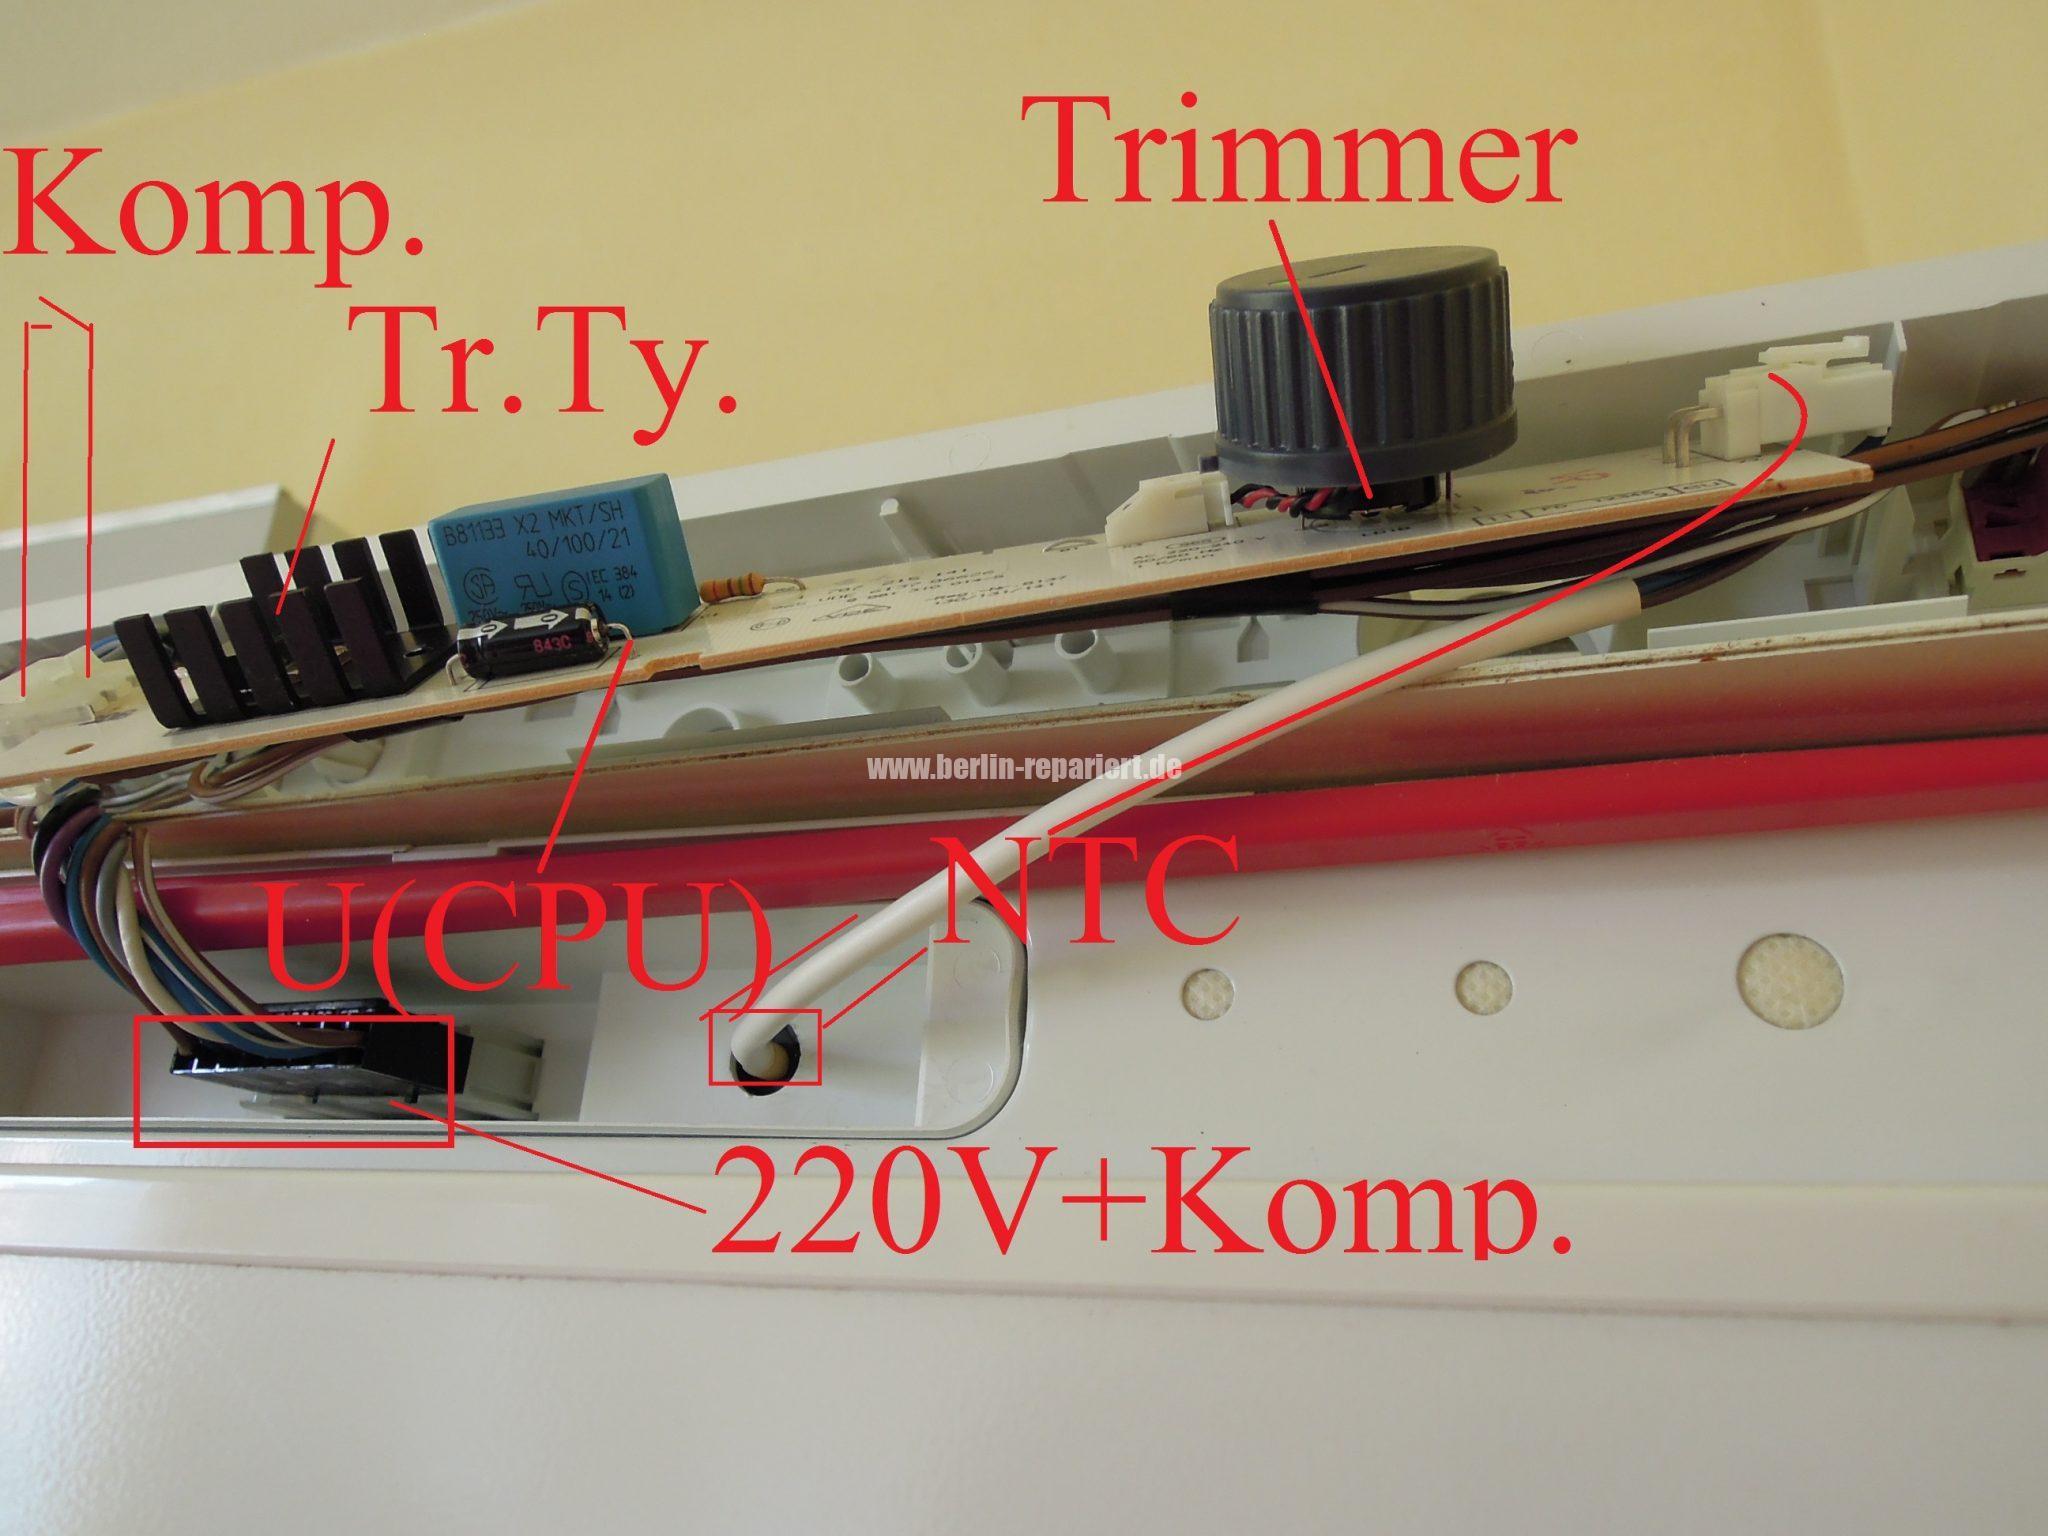 Mini Kühlschrank Mit Thermostat : Kühlschrank kühlmittel kreischa kühlmittel aus kühlschrank in